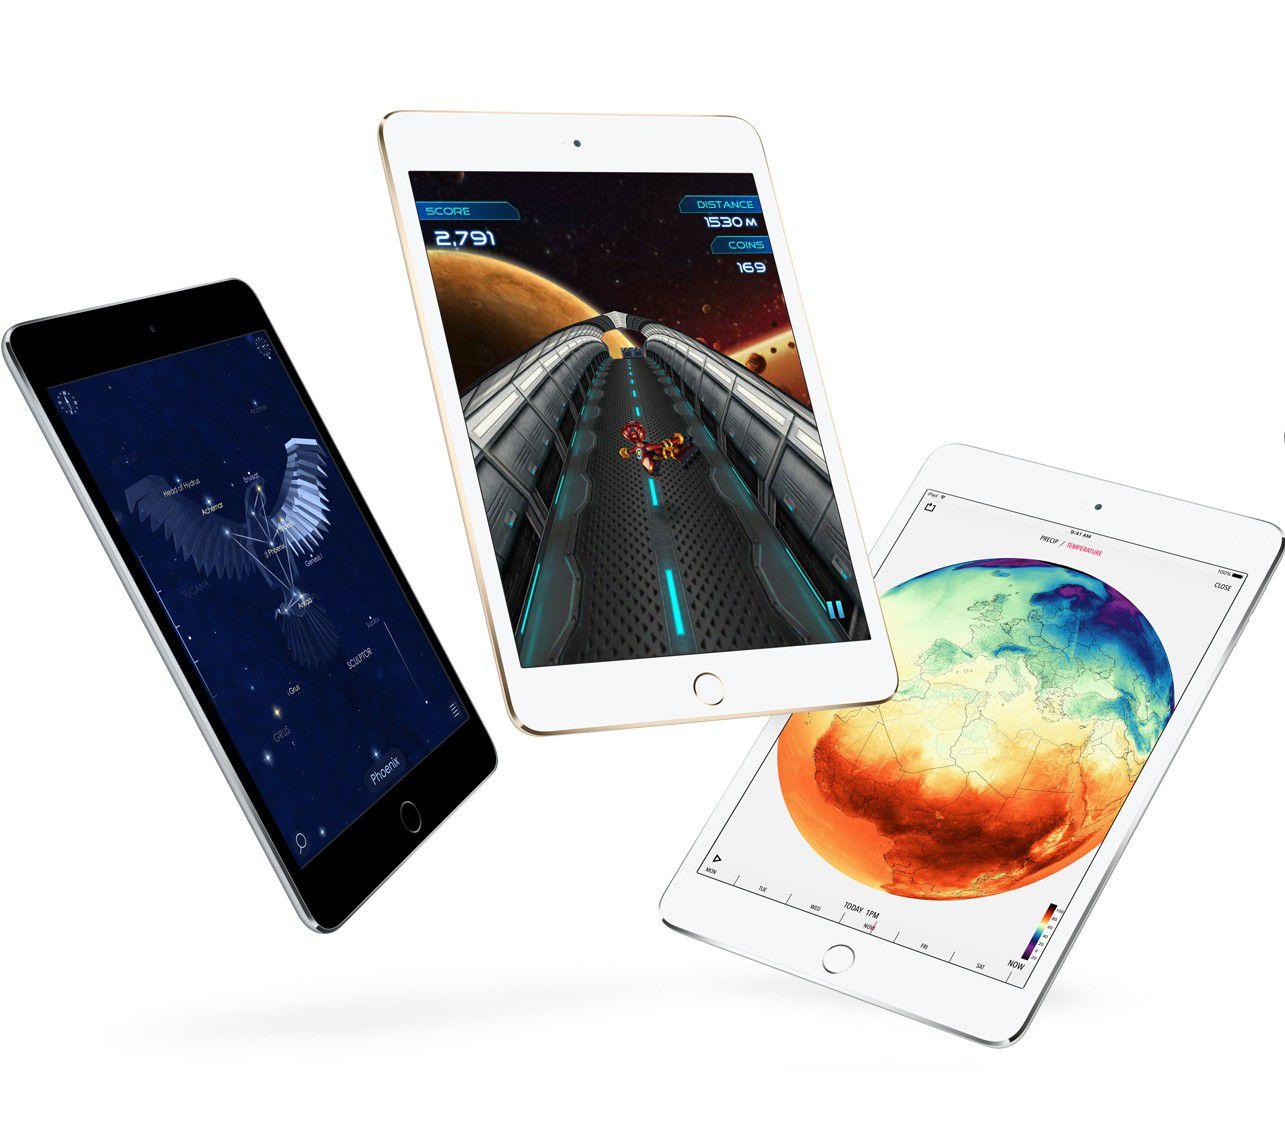 apple ipad mini 4 test prix et fiche technique tablette tactile les num riques. Black Bedroom Furniture Sets. Home Design Ideas